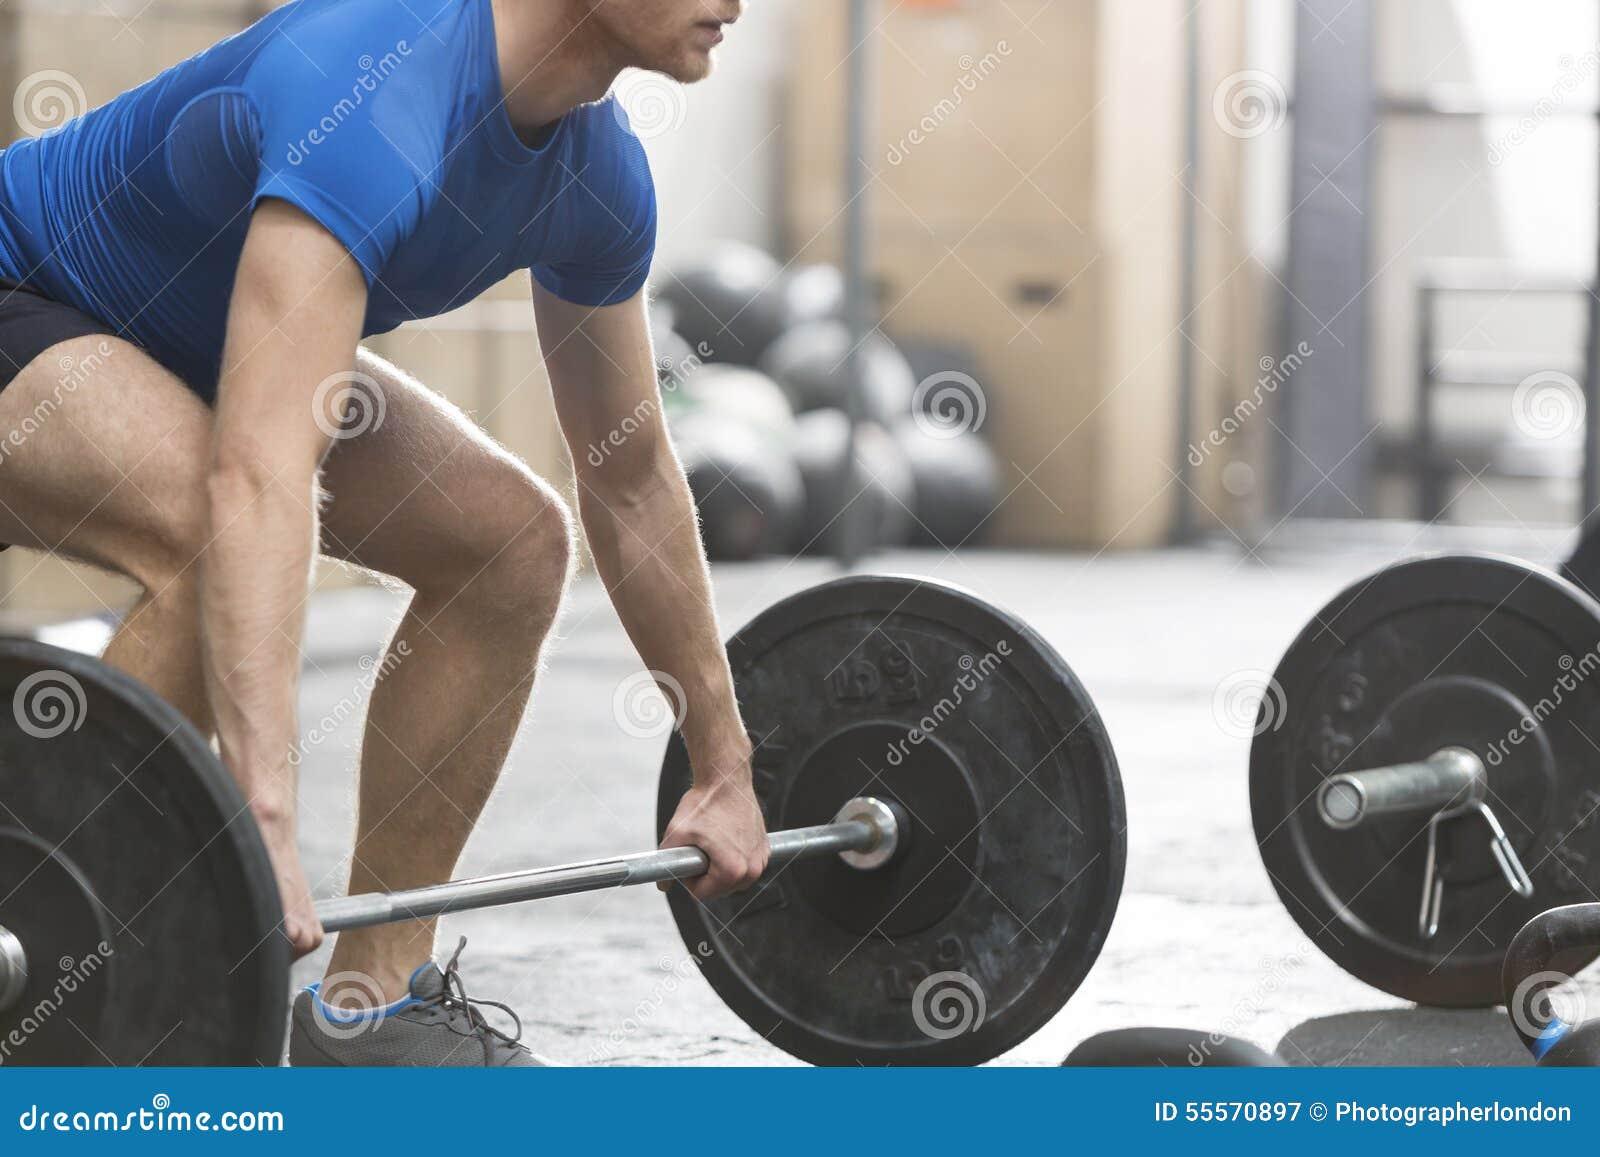 Χαμηλό τμήμα του αφιερωμένου ατόμου που ανυψώνει barbell στη γυμναστική crossfit